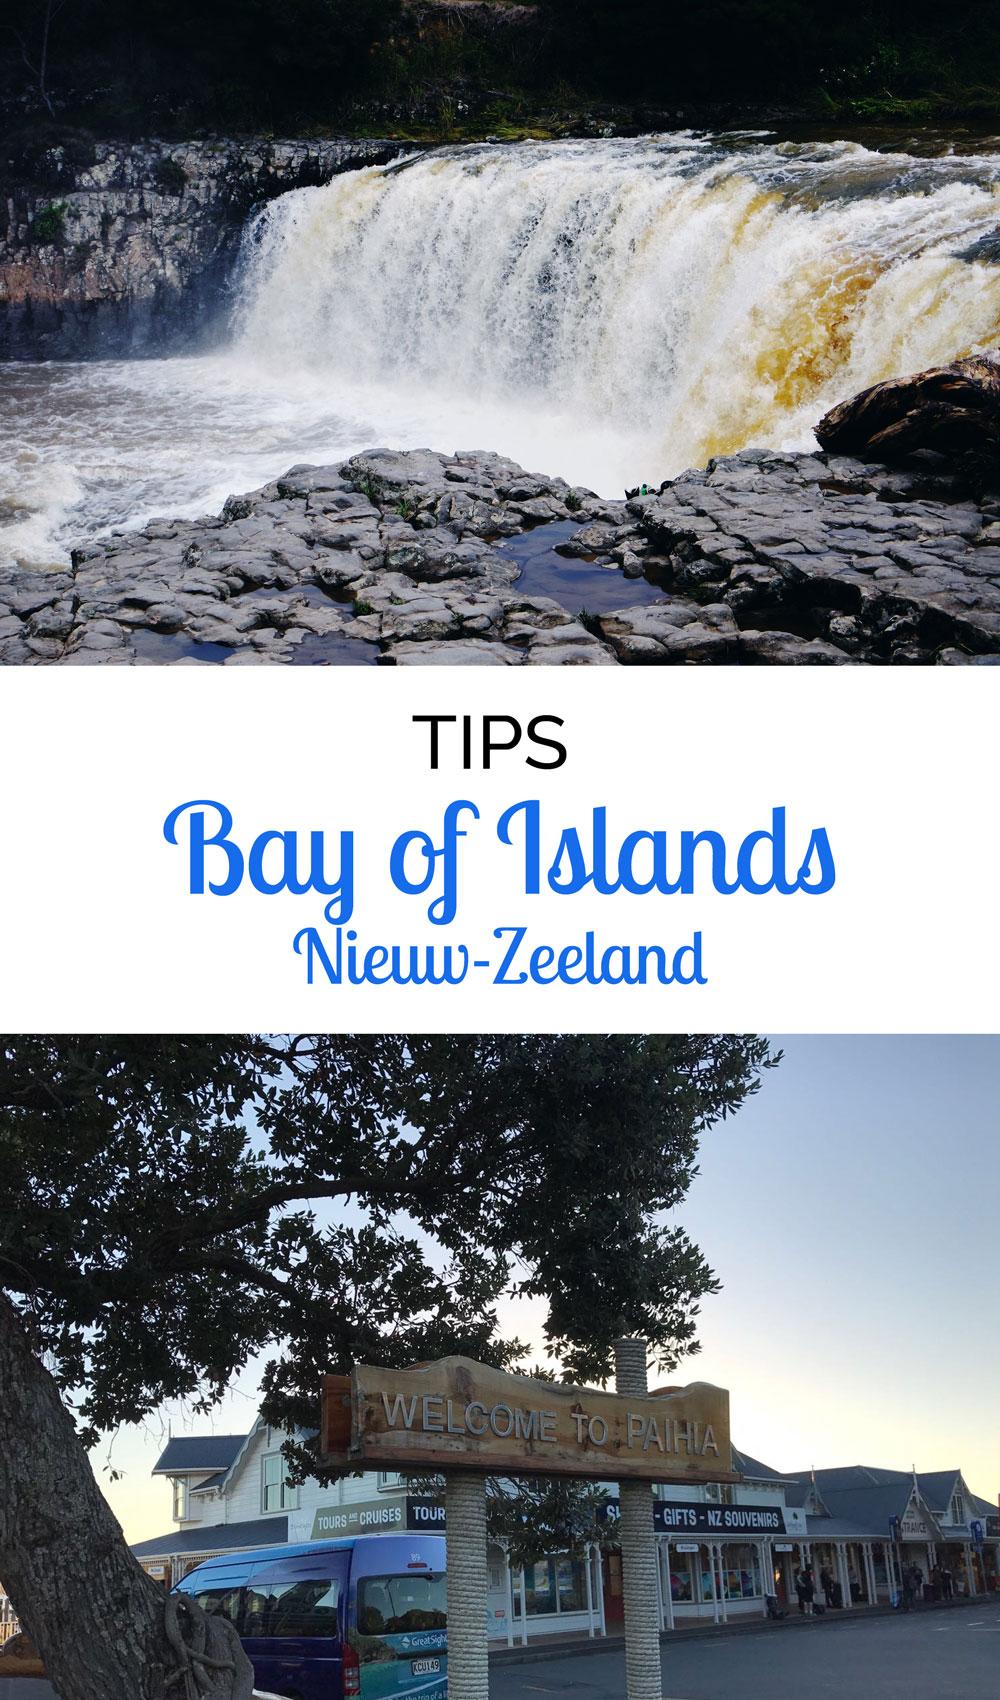 Nieuw-Zeeland - Bay of Islands